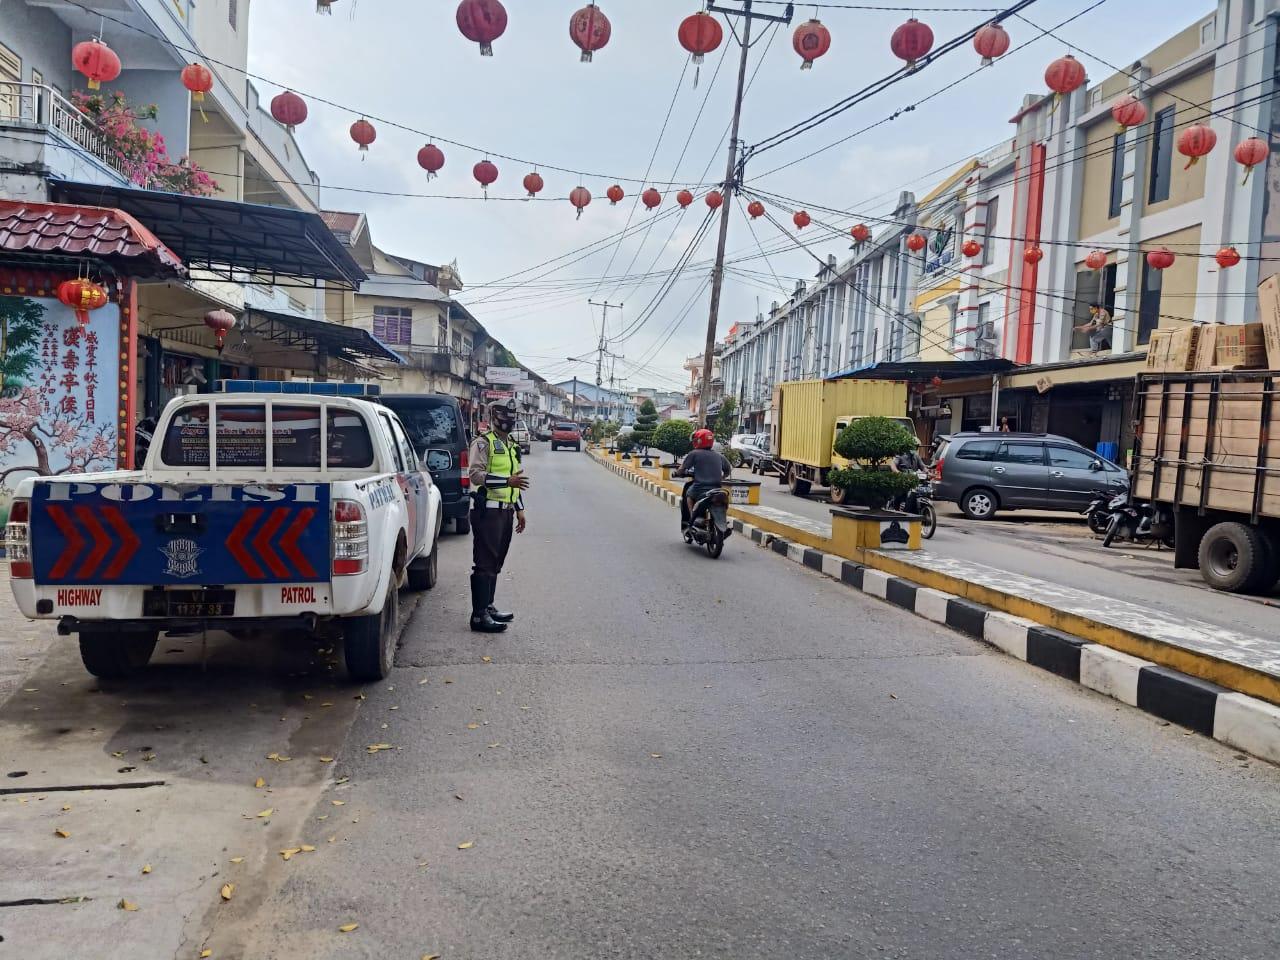 Satlantas Ketapang Laksanakan Patroli Siang,Tingkatkan Situasi Kamtibmas